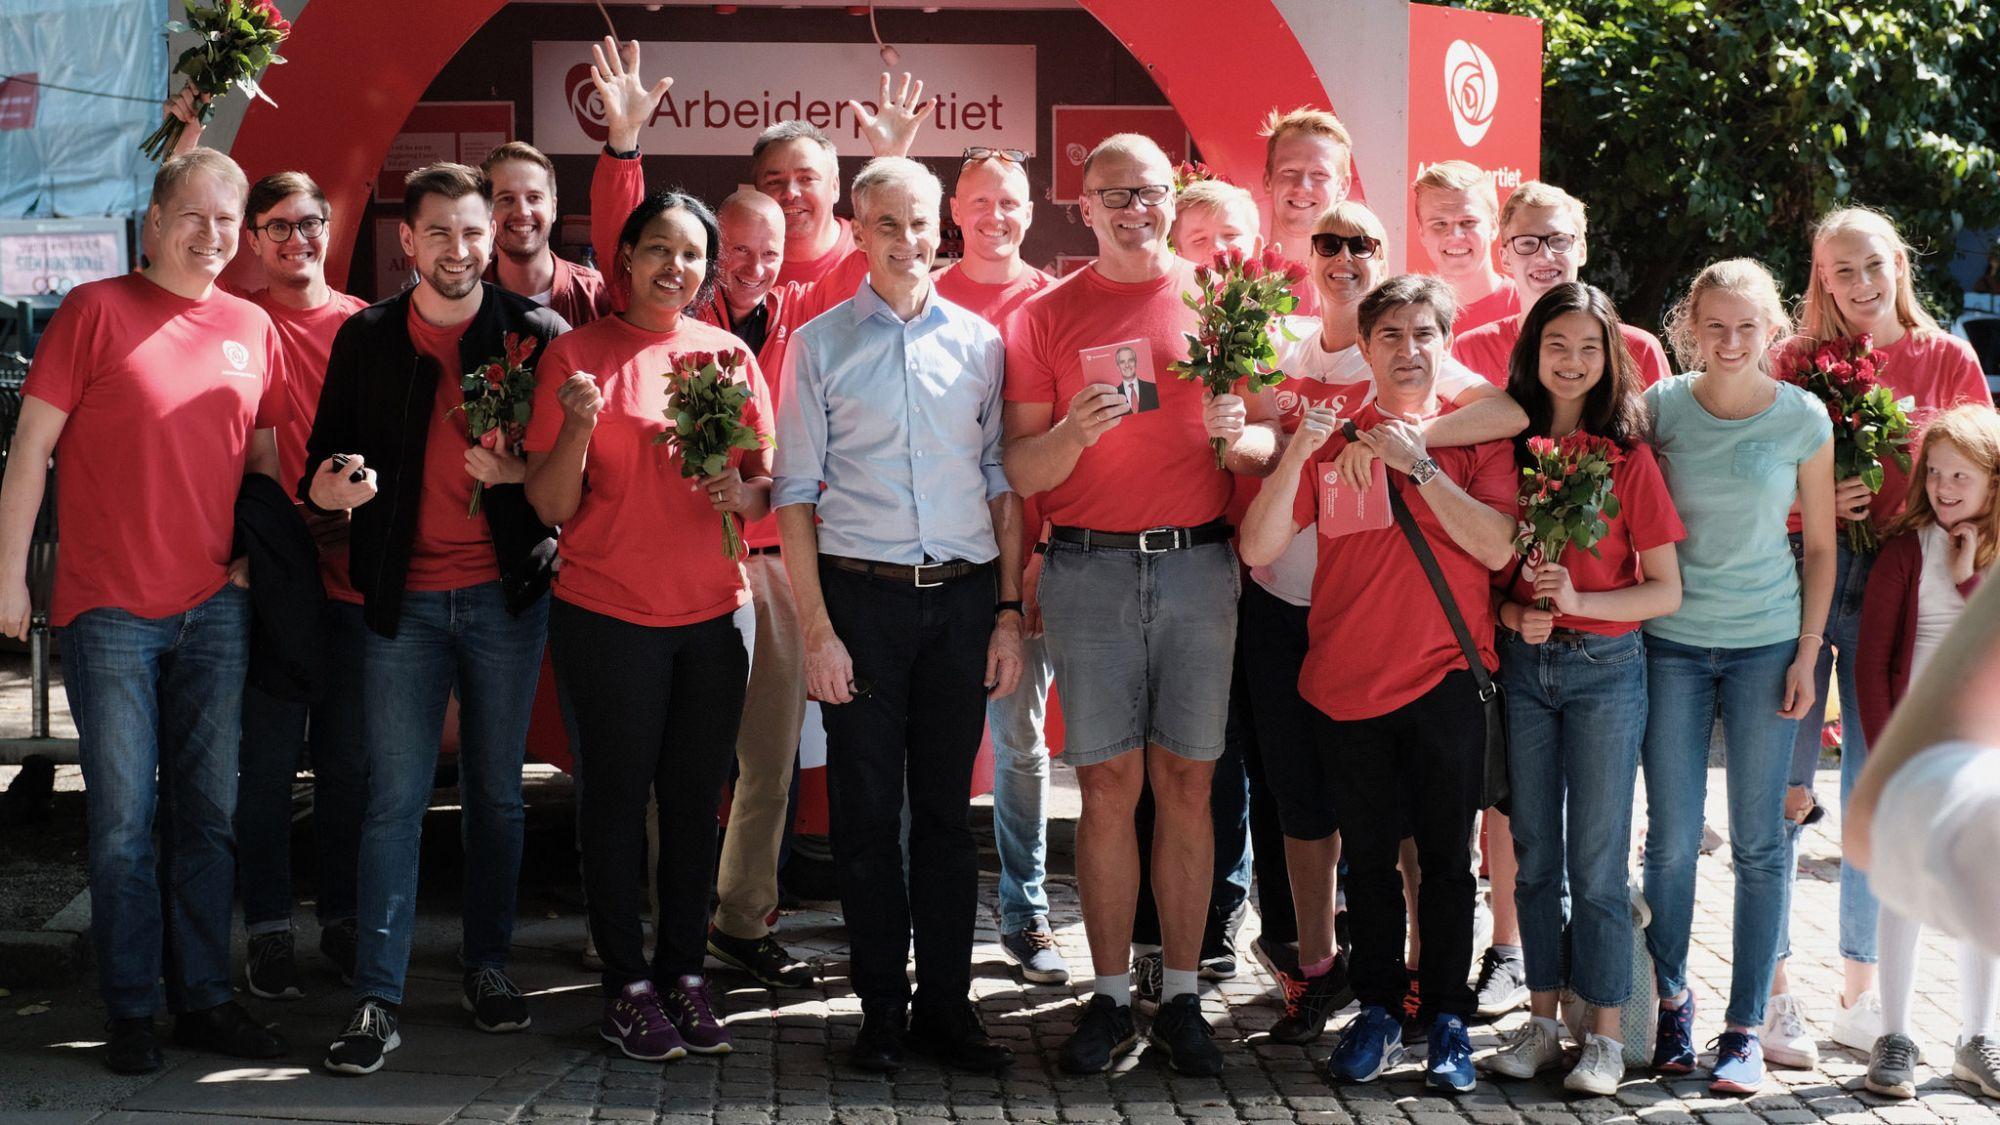 Jonas Gahr Støre møtte velgere på Løkka og tok seg tid til et bilde med våre frivillige. Leder Frode Jacobsen til høyre